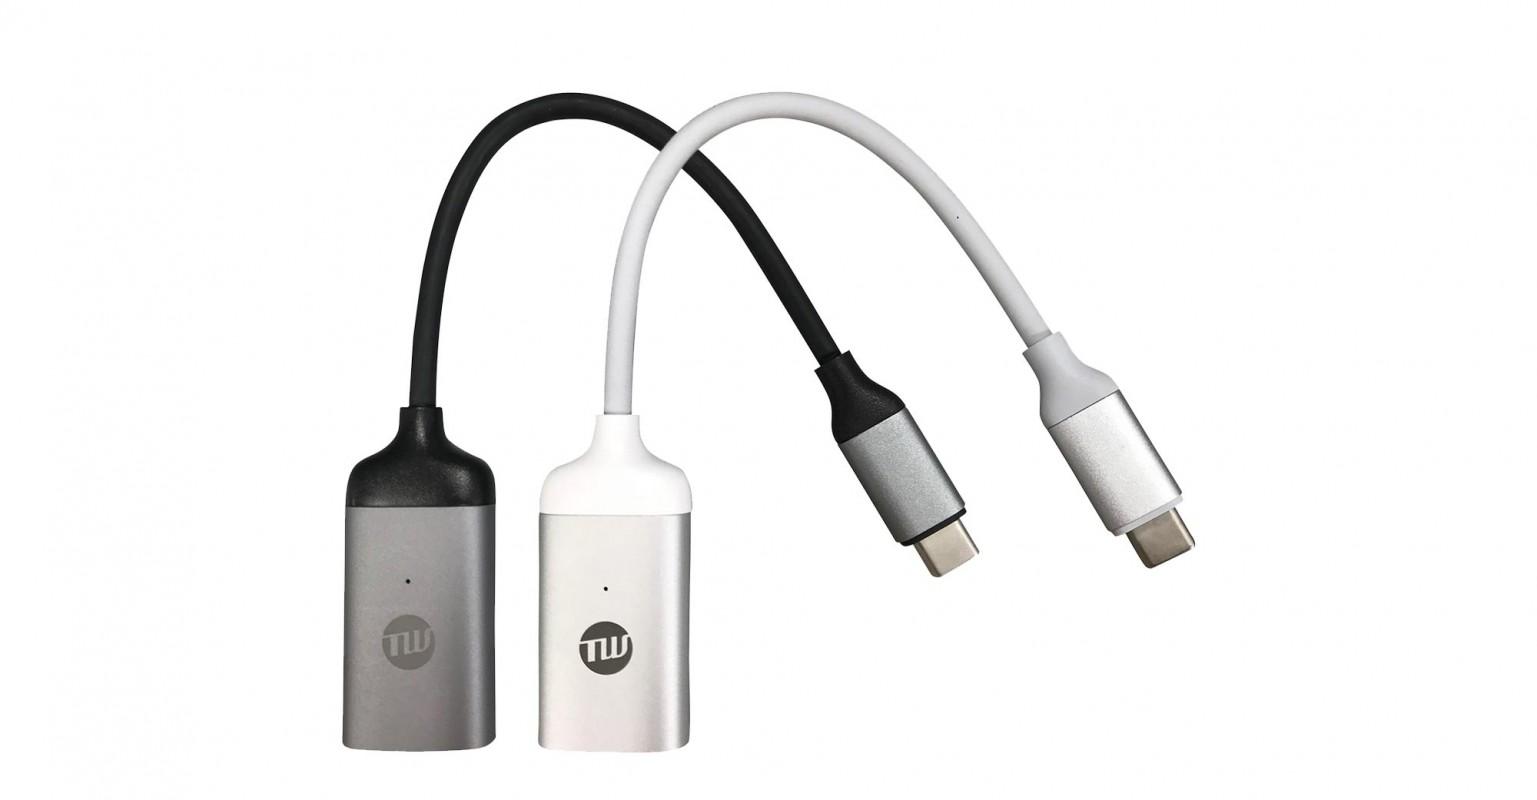 USB-C to Mini DisplayPort Adapter